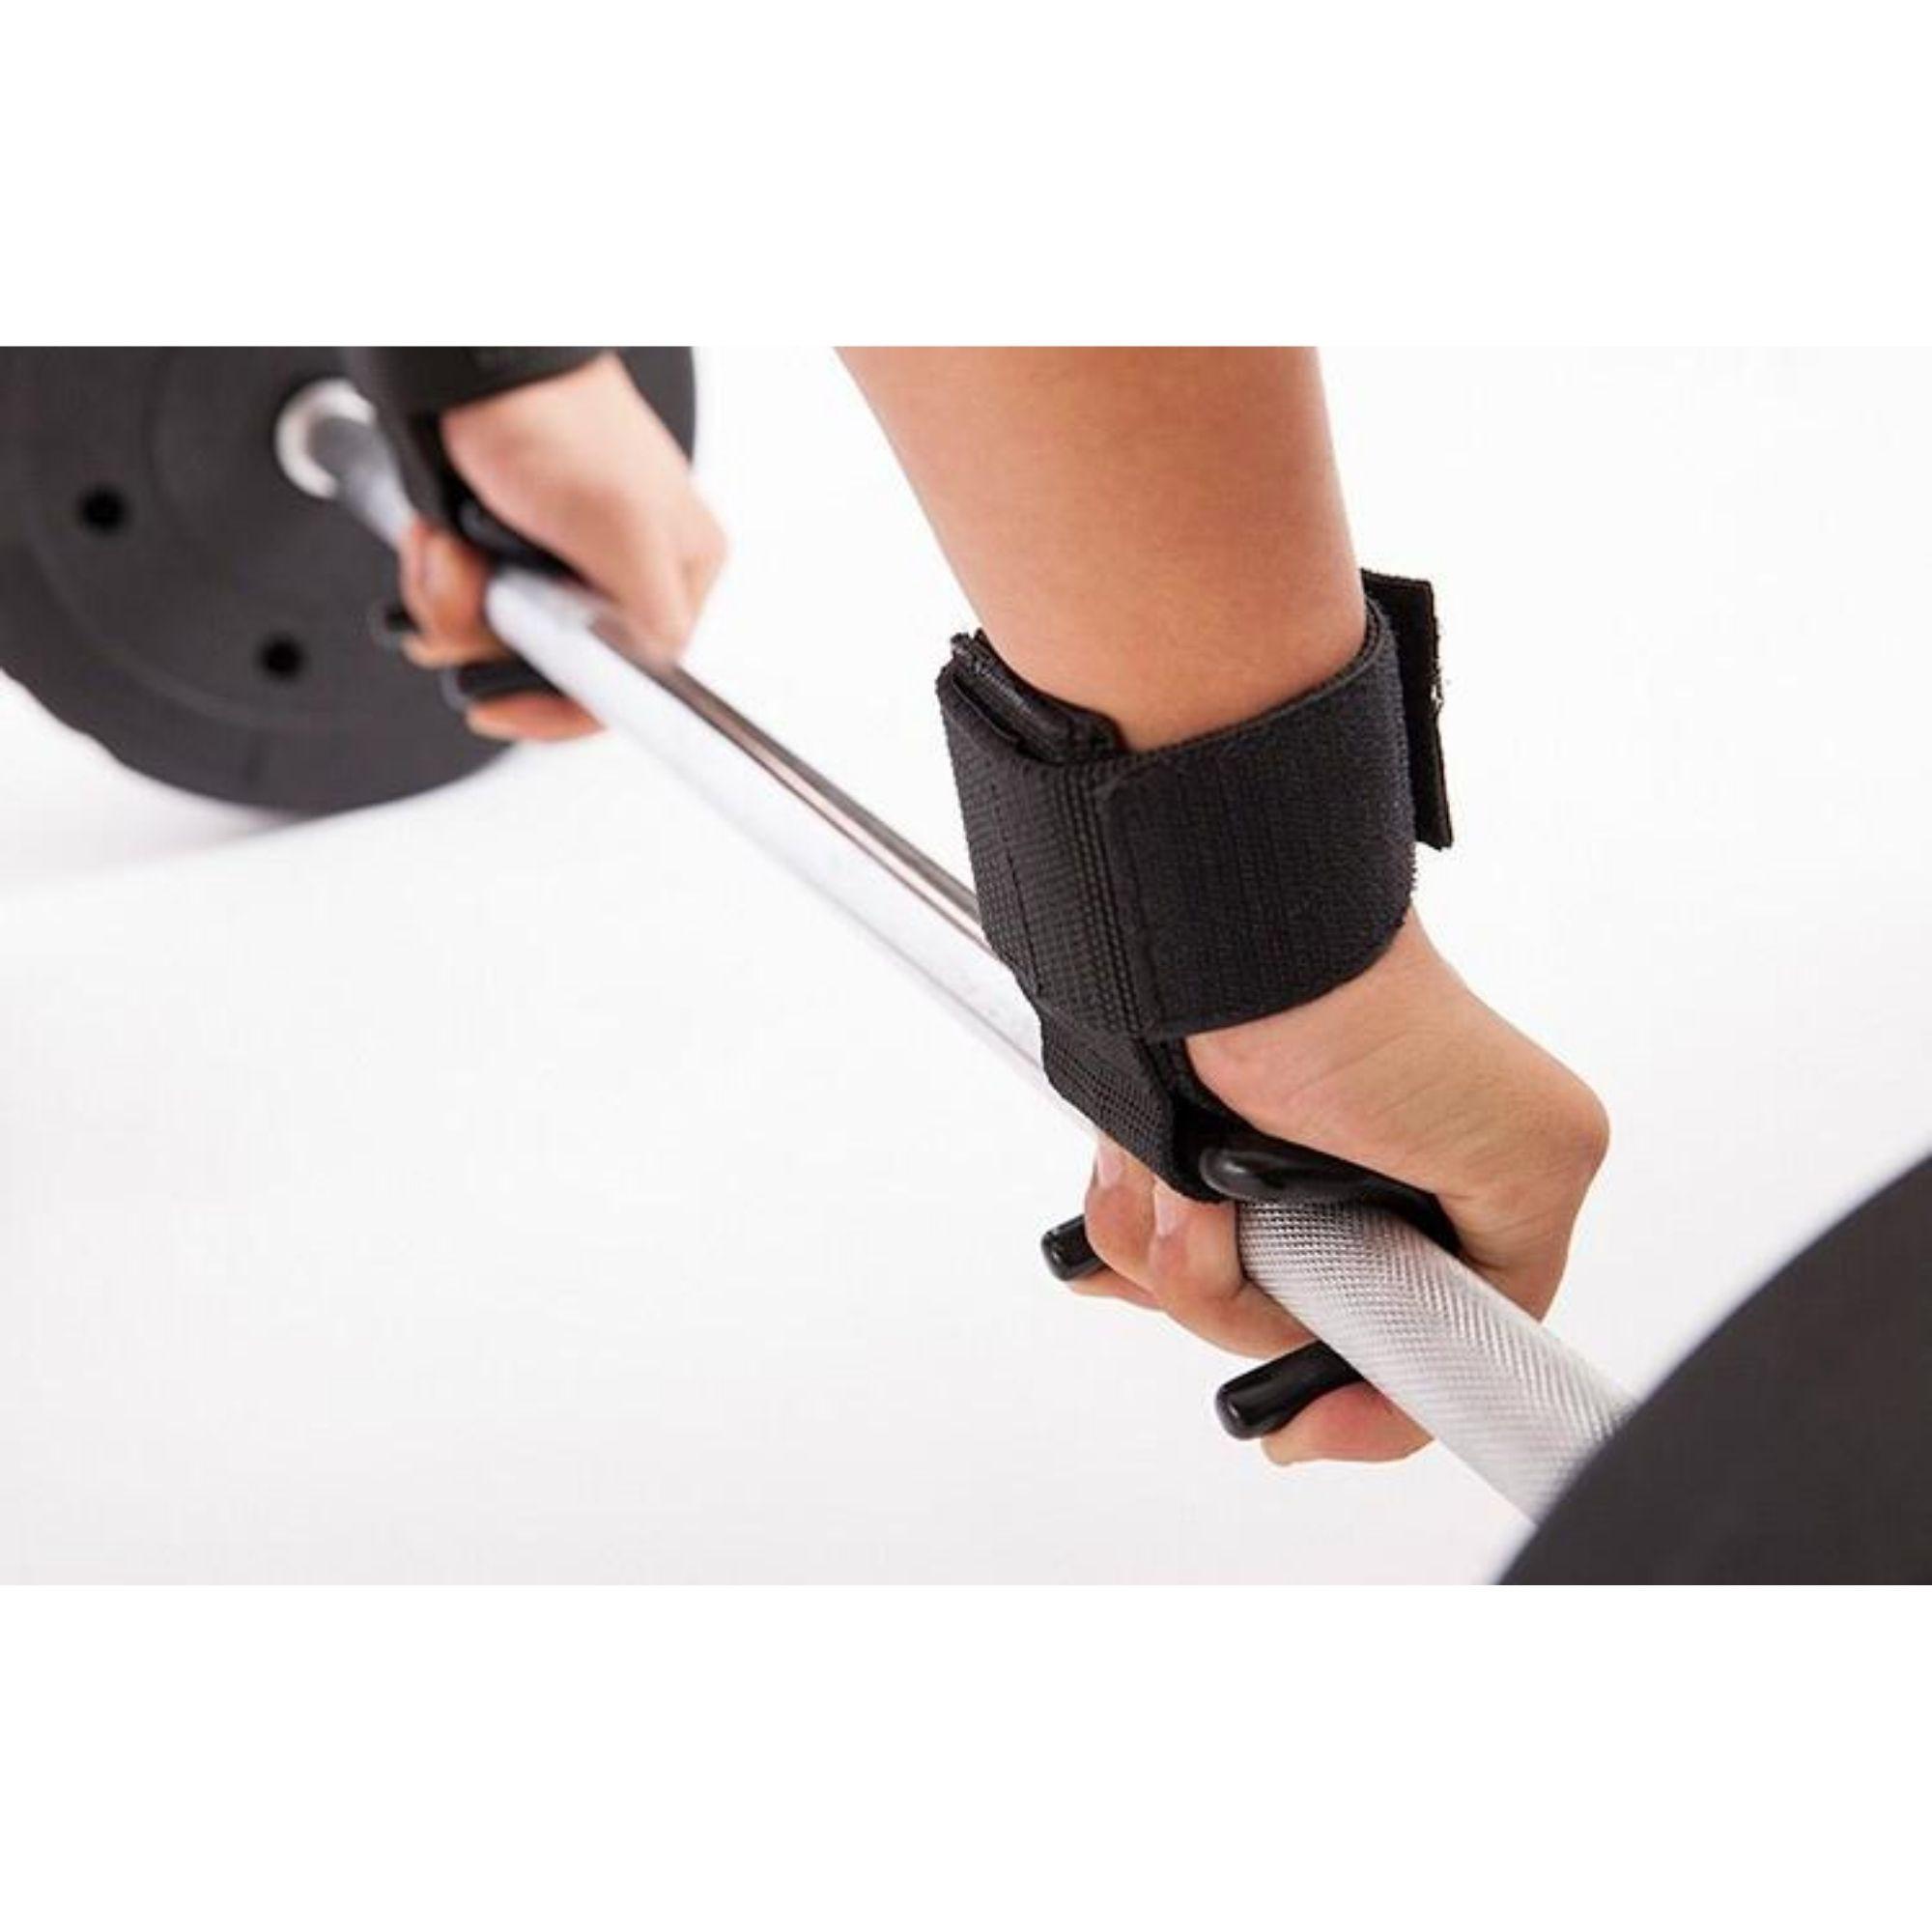 Strap com Gancho - Grip, Munhequeira, Hook Wrist